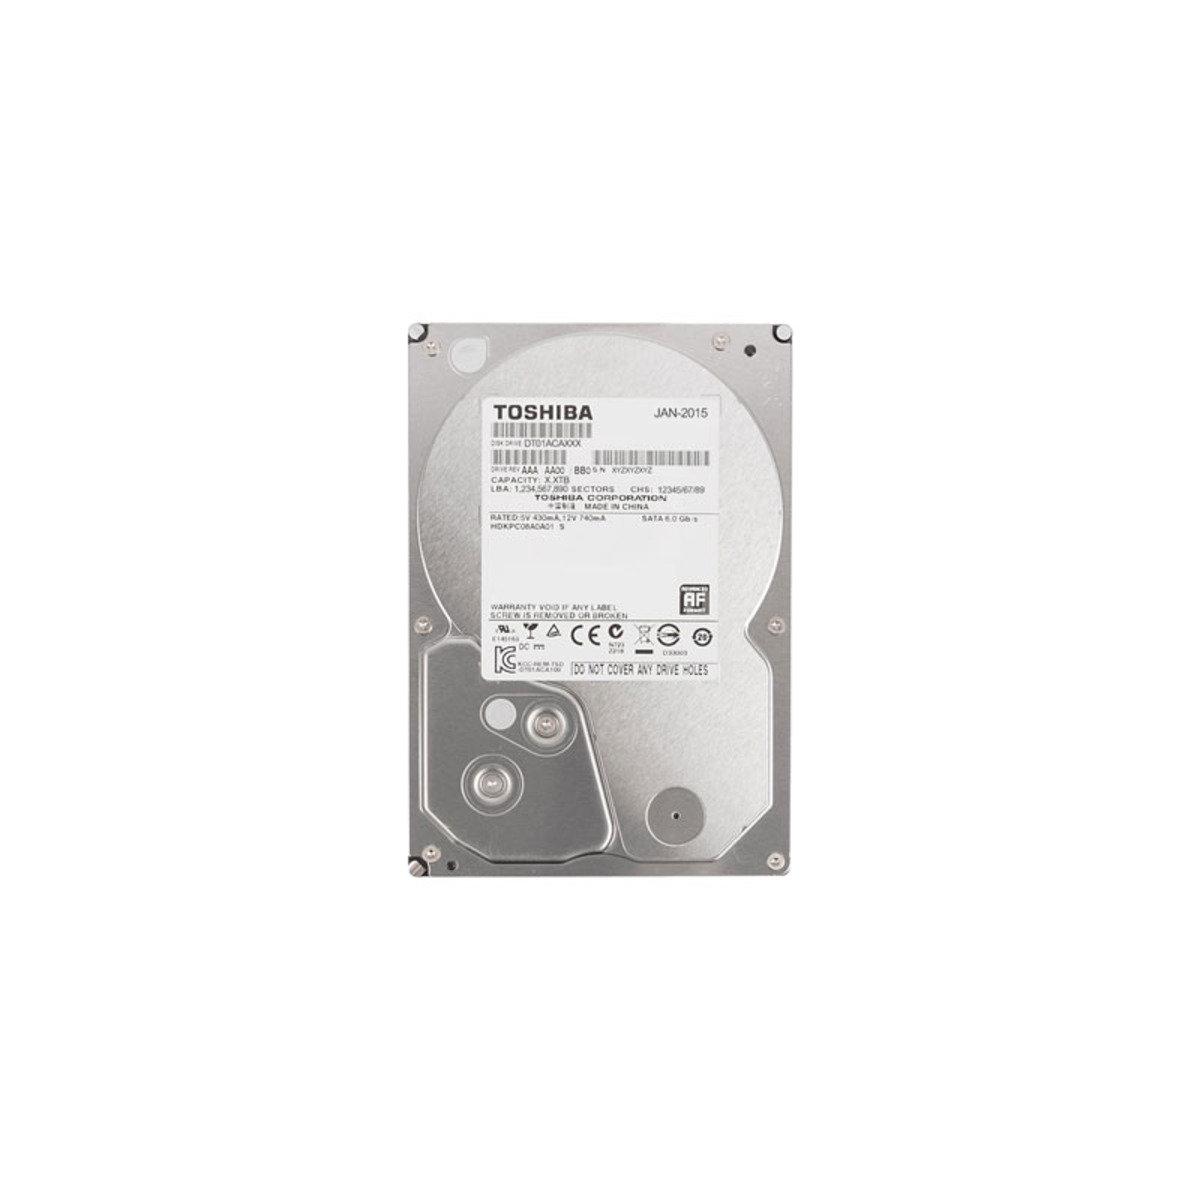 3.5吋 2TB SATA 6Gb/s 桌上型電腦 內置硬碟 DT01ACA200